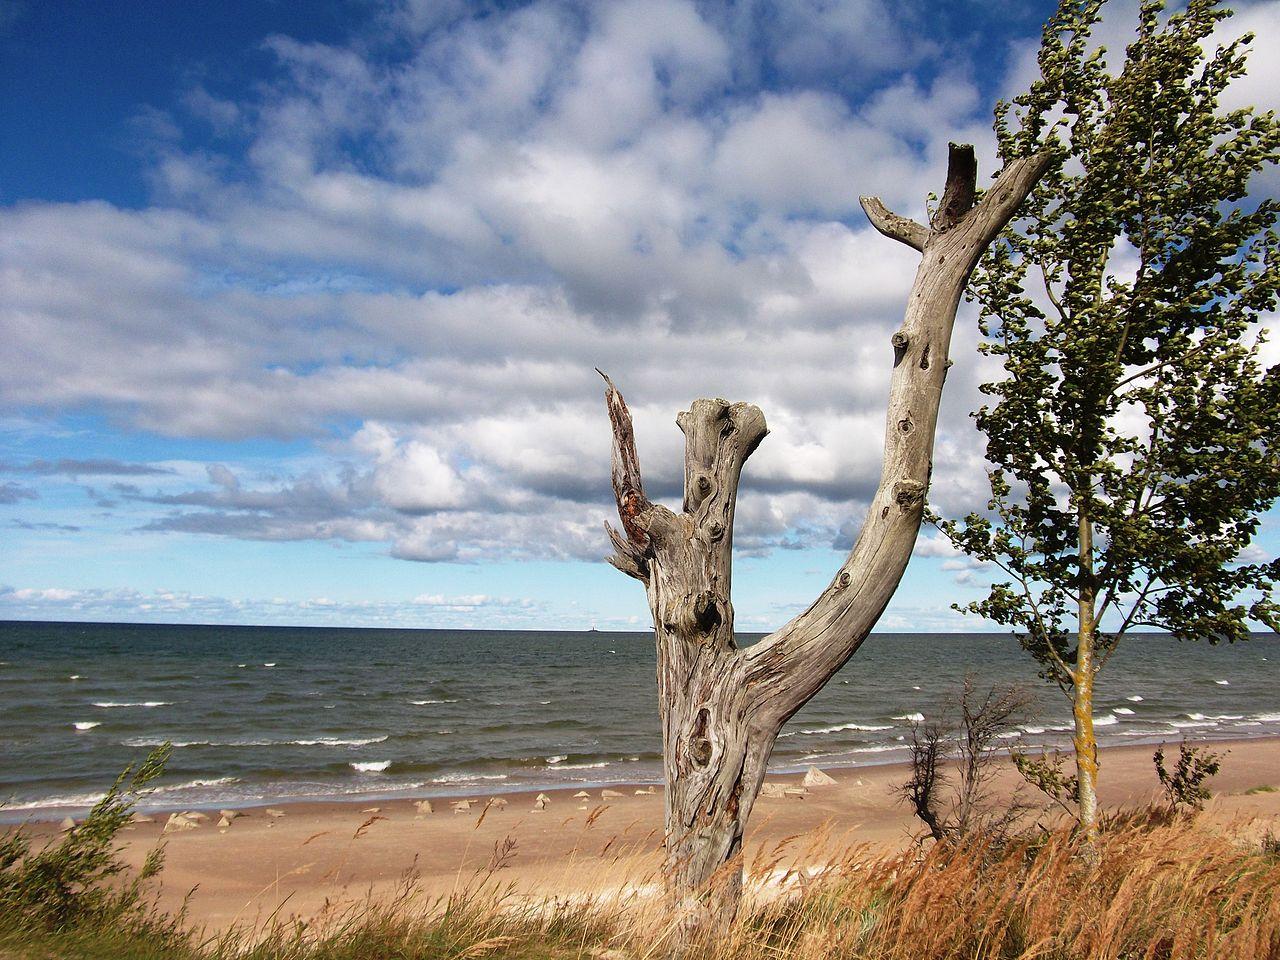 Cape Kolka, ujung utara Latvia di Teluk Riga